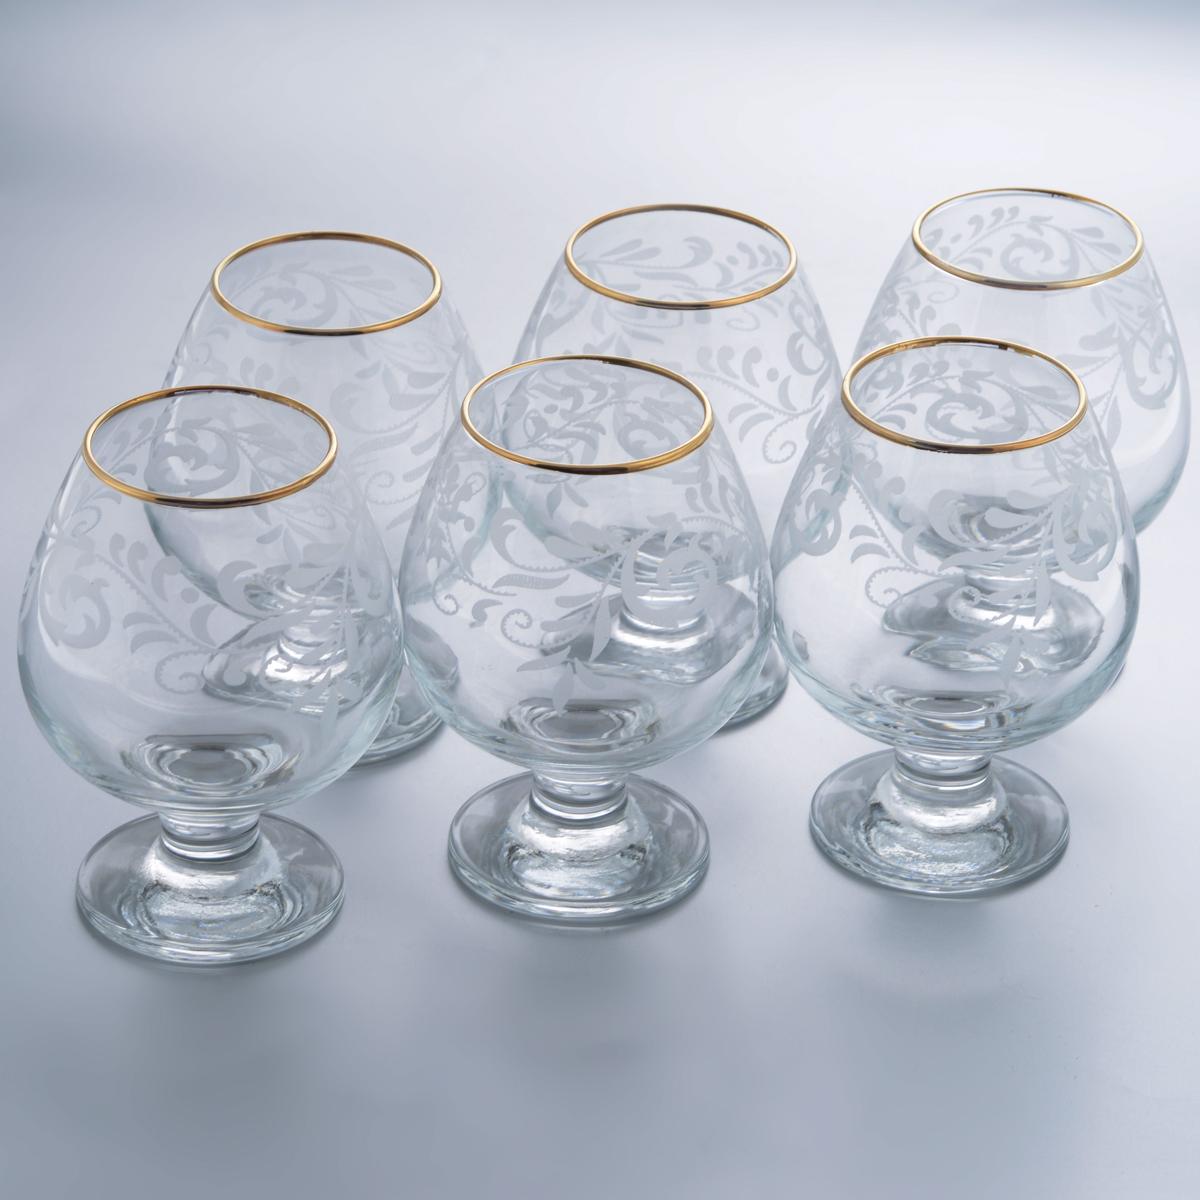 Набор бокалов для бренди Гусь-Хрустальный Веточка, 400 мл, 6 штEL10-188Набор Гусь-Хрустальный Веточка состоит из 6 бокалов на низкой ножке, изготовленных из высококачественного натрий-кальций-силикатного стекла. Изделия оформлены красивым зеркальным покрытием и белым матовым орнаментом. Бокалы предназначены для подачи бренди. Такой набор прекрасно дополнит праздничный стол и станет желанным подарком в любом доме. Разрешается мыть в посудомоечной машине. Диаметр бокала (по верхнему краю): 5,5 см. Высота бокала: 12,5 см. Диаметр основания бокала: 6,5 см.